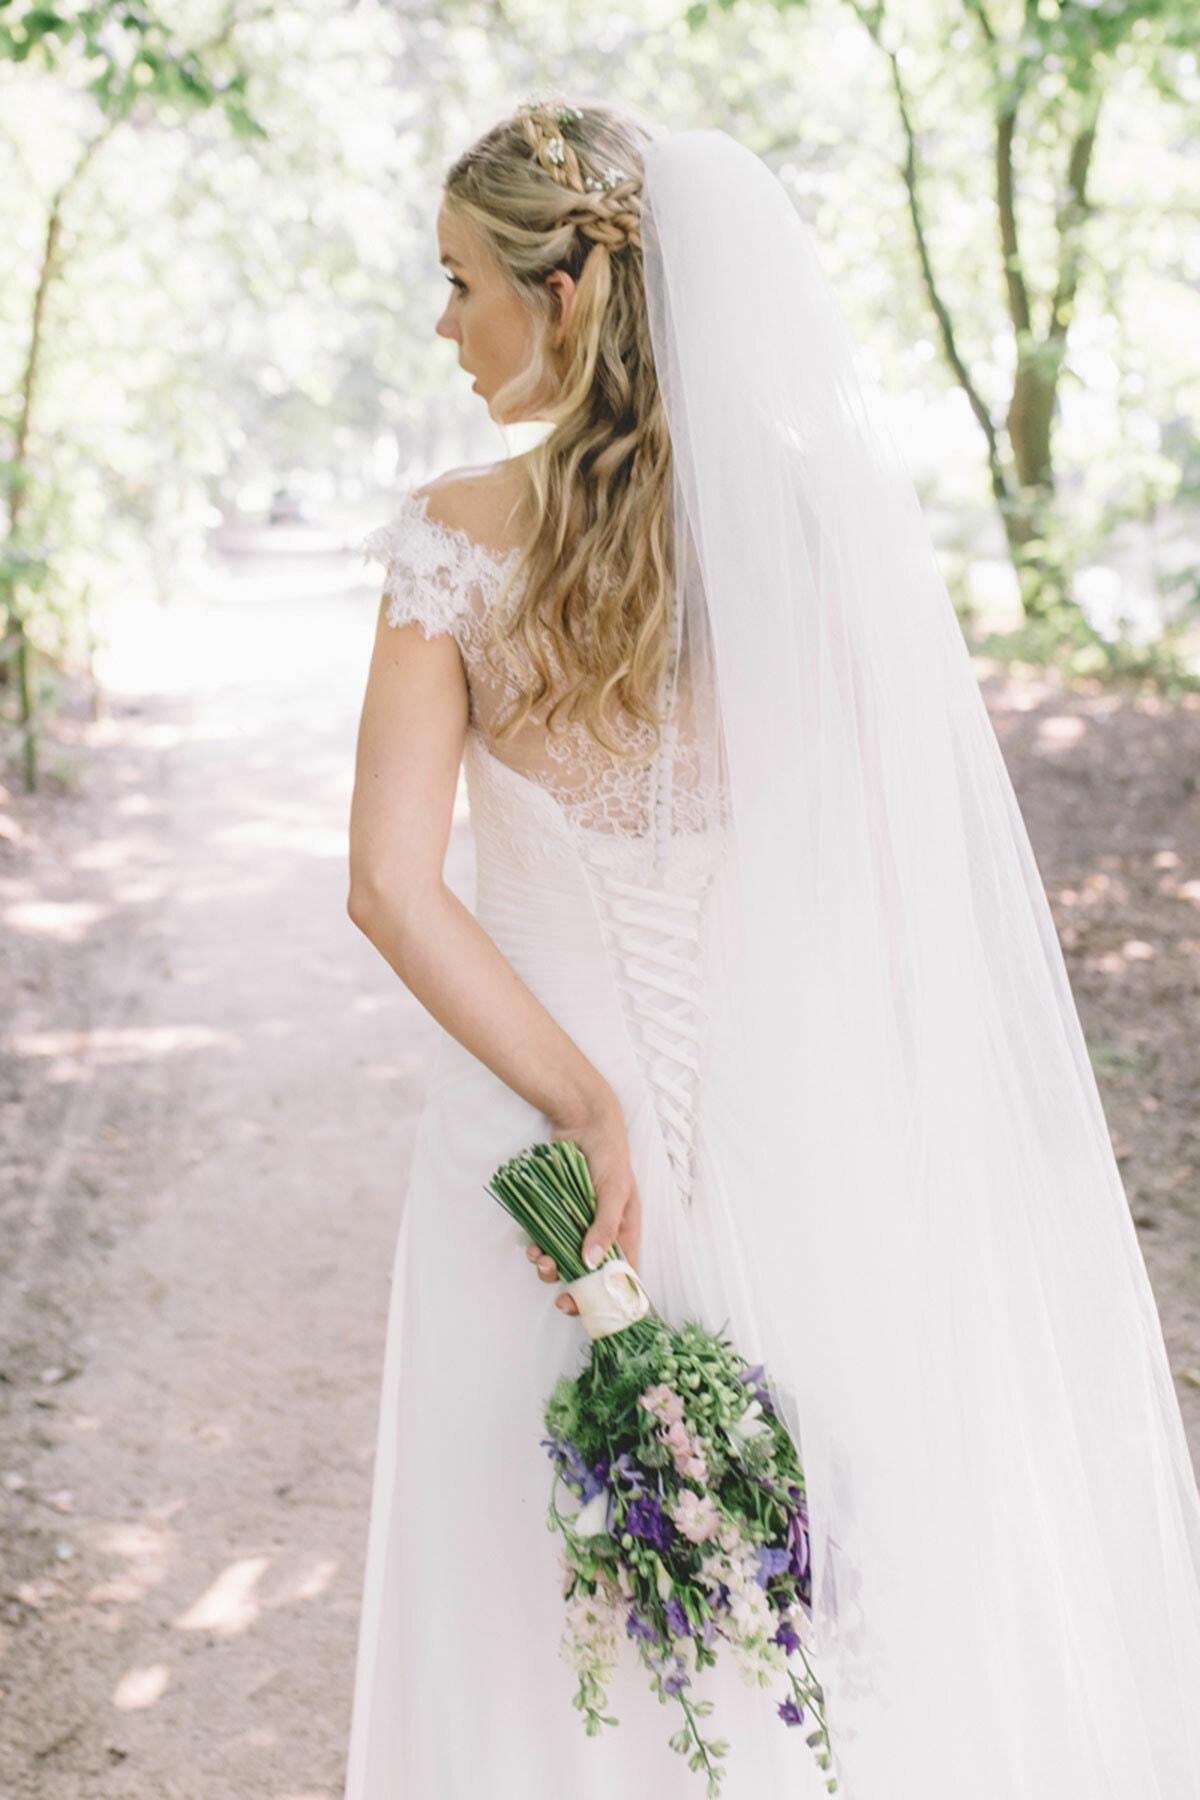 bruidskapsel-kapsel-vlecht-nonchalant-krullen